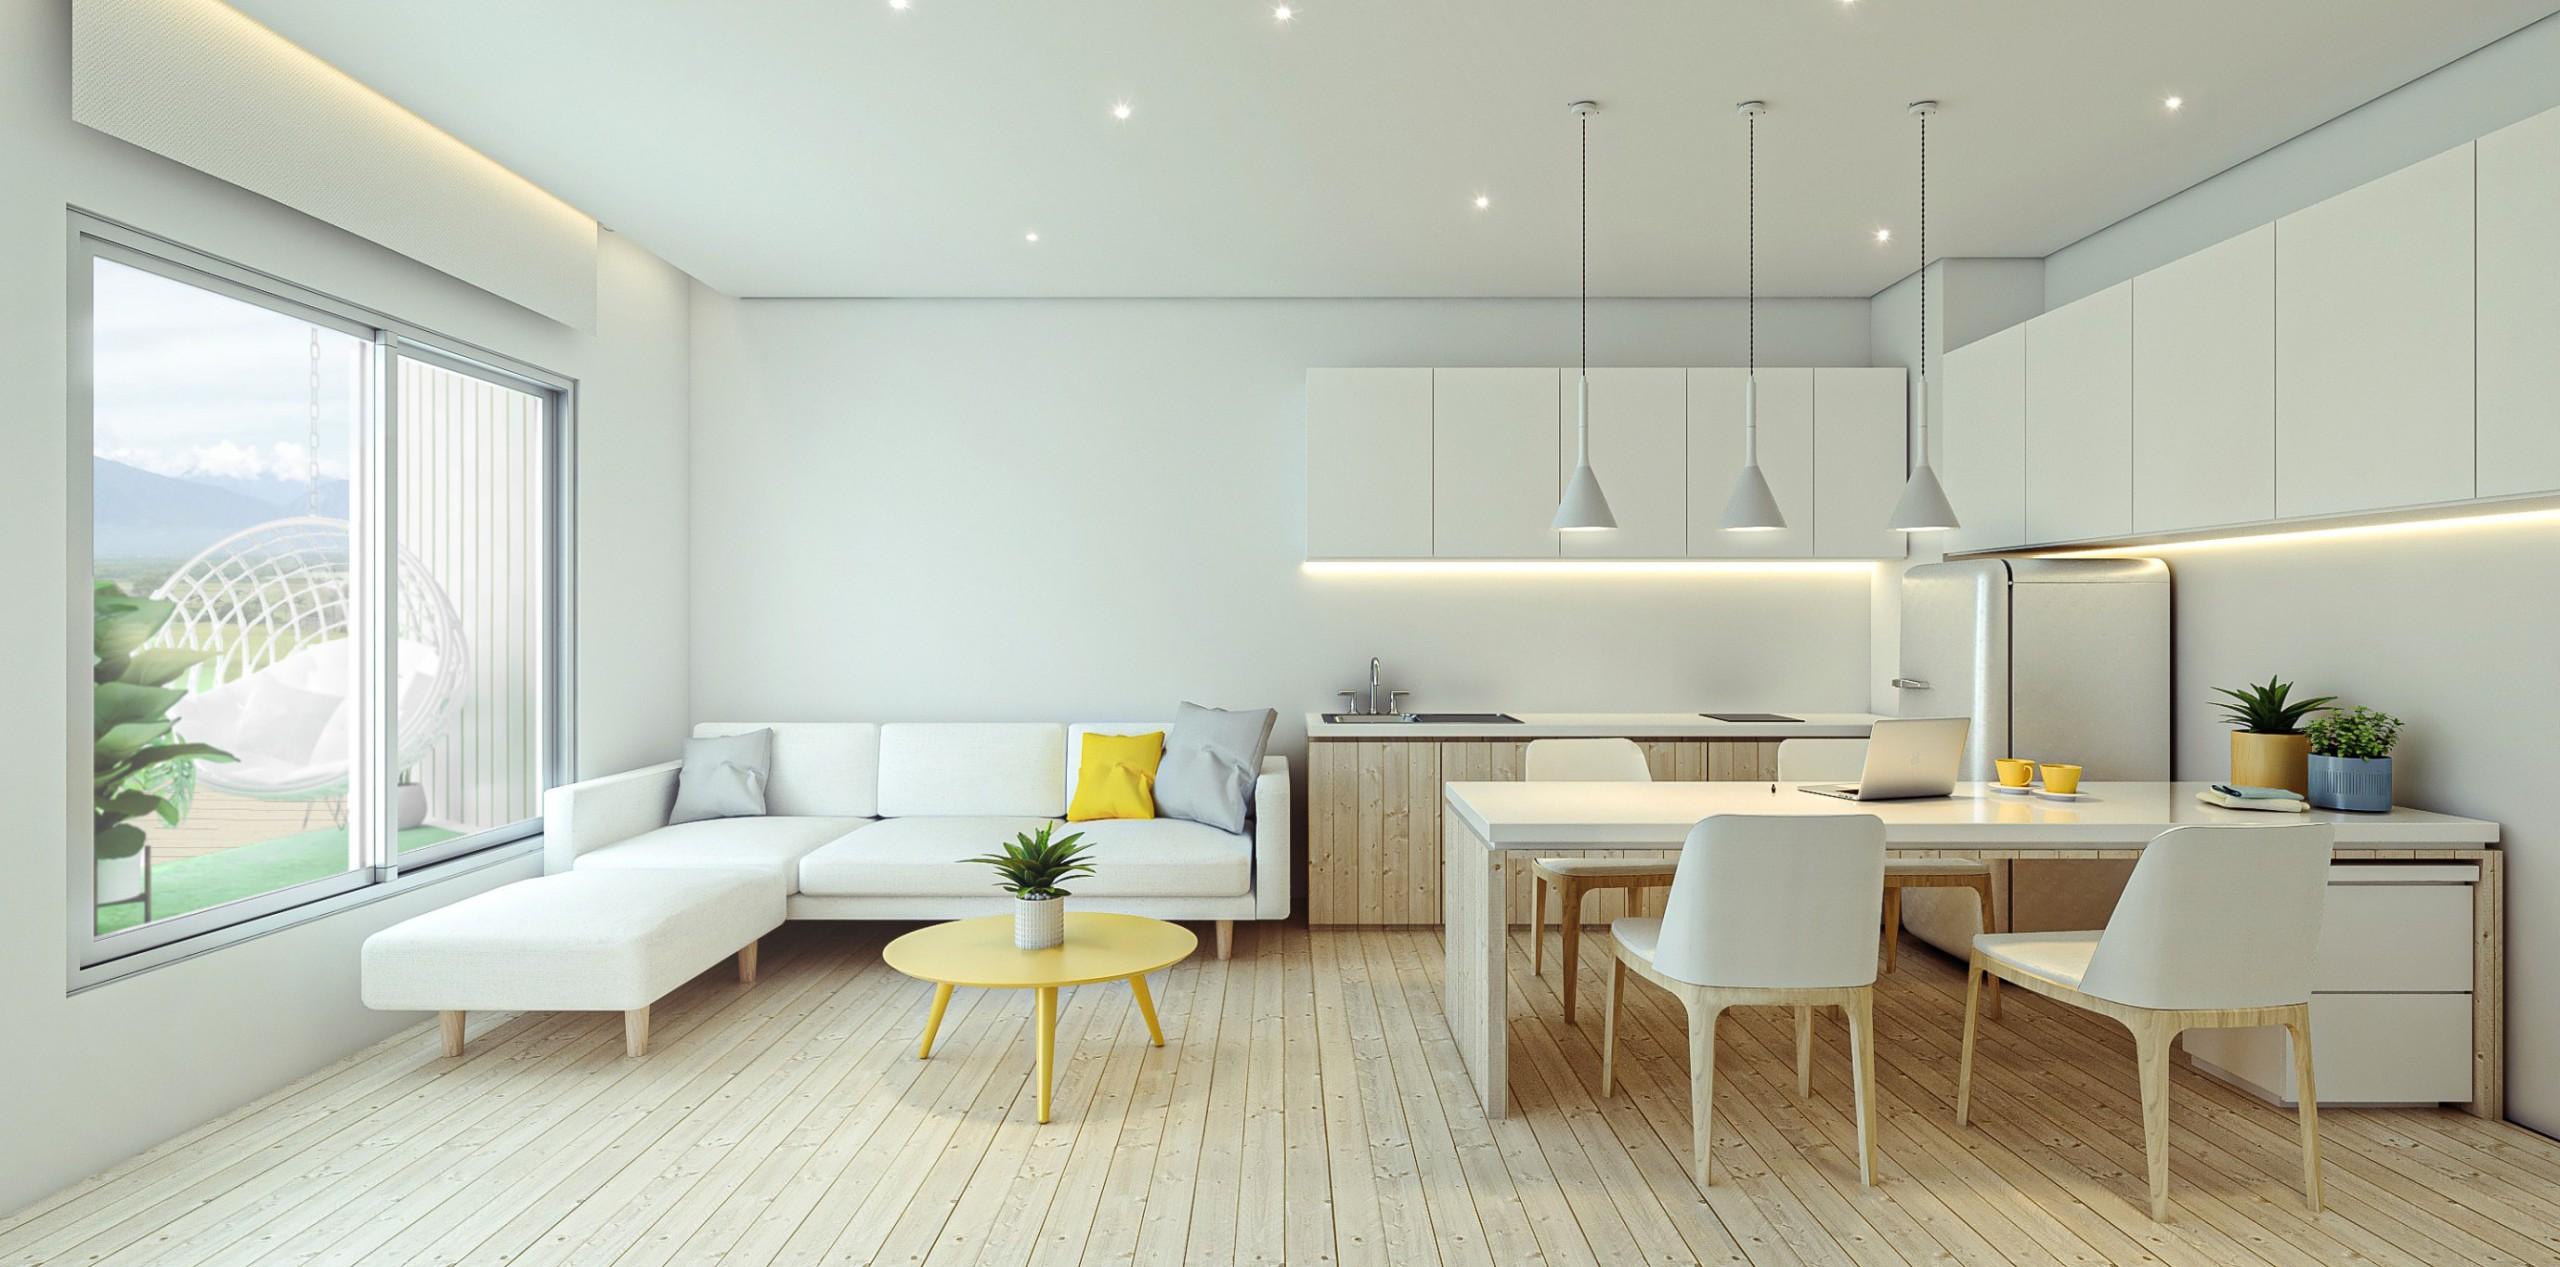 德築-DEZU-project-Zuxing-architecture